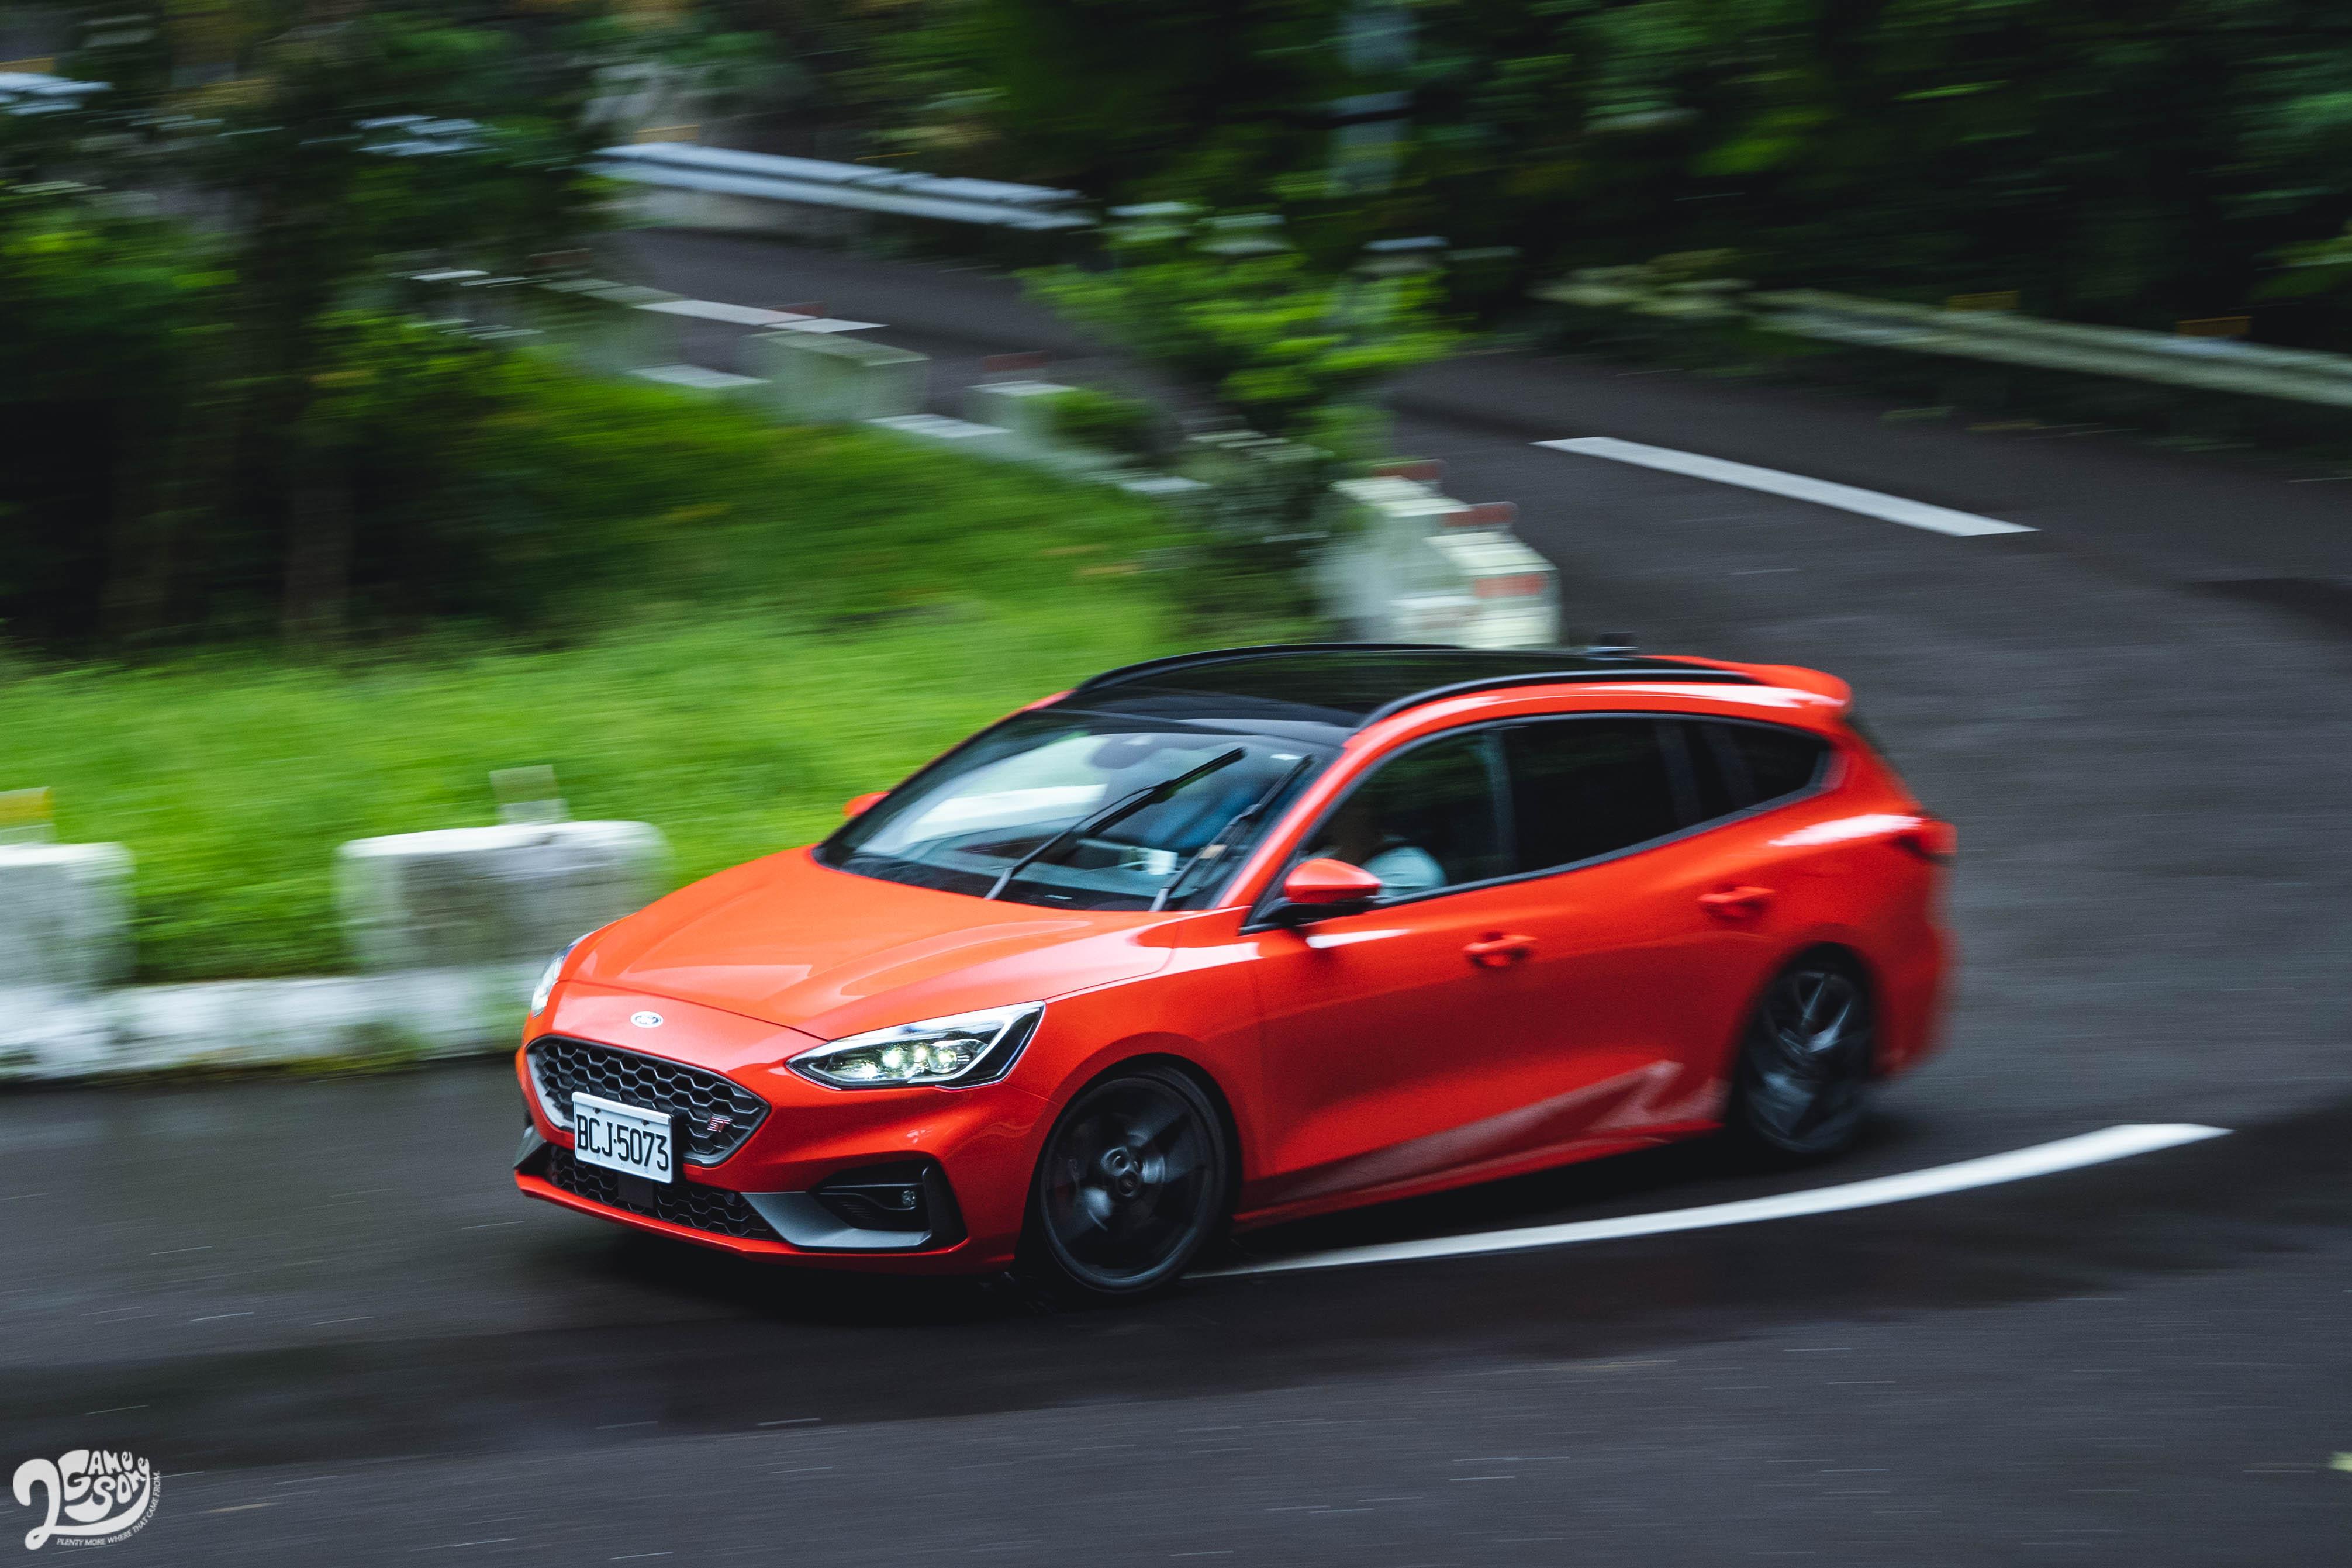 搭配 SelectShift 性能調校七速手自排變速箱,Focus ST Wagon 0-100 km/h 加速 6.1 秒,僅比 ST 慢 0.1 秒。